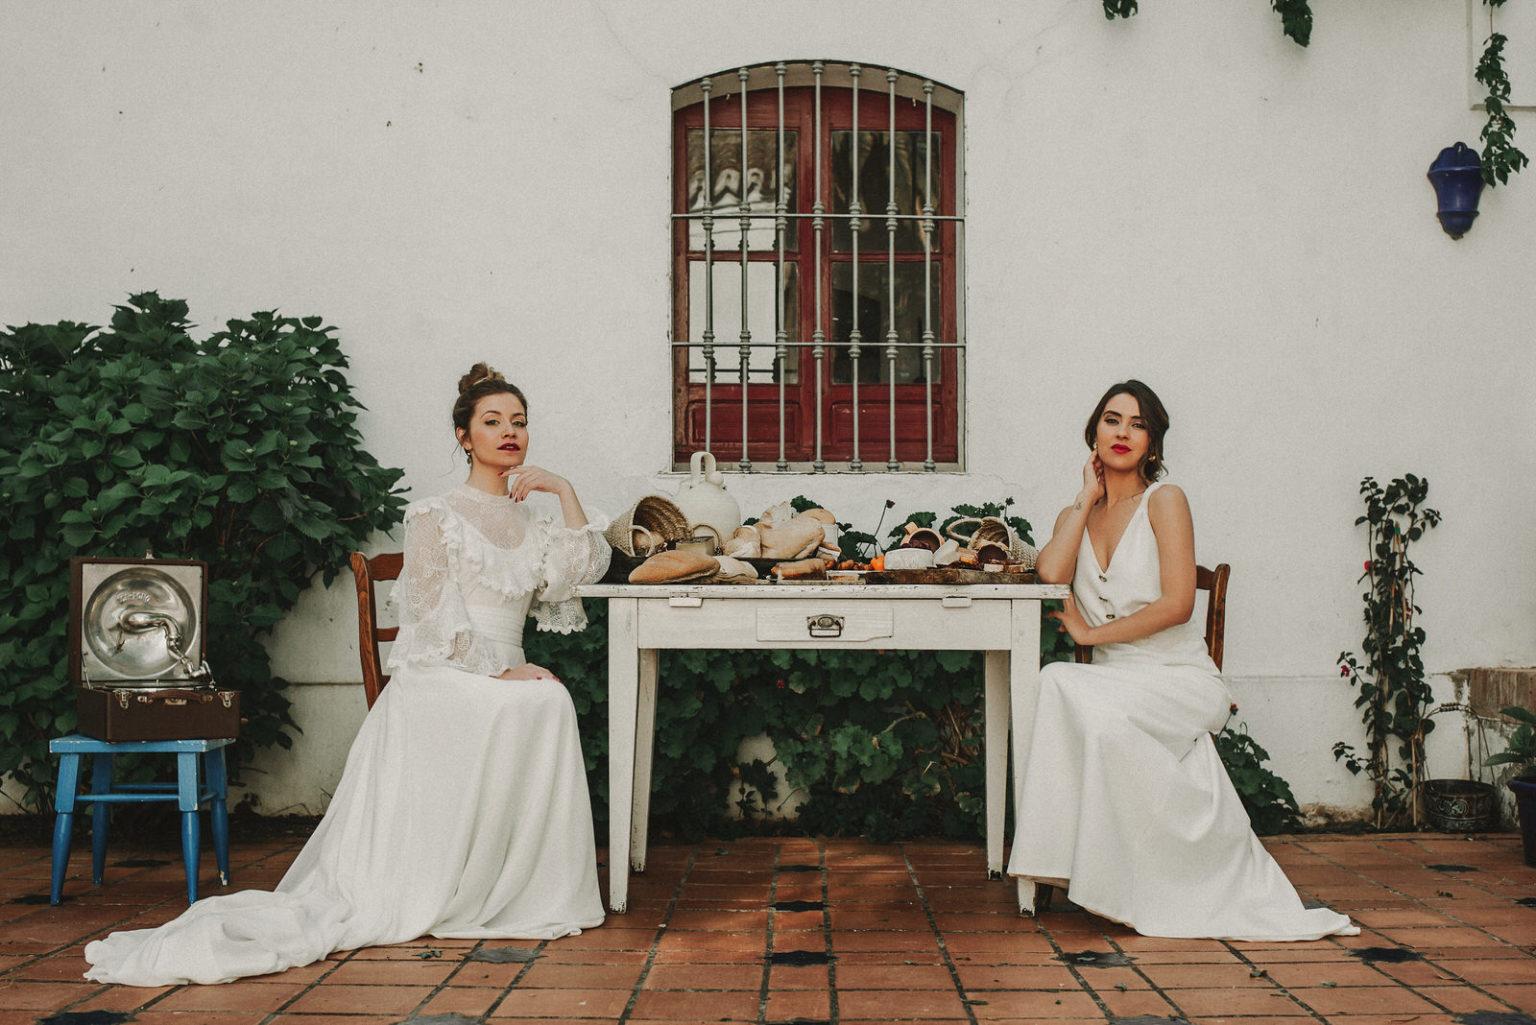 Fotógrafos de boda Caceres, fotos de boda Extremadura, Santa catalina, Atelier de boda, finca de boda